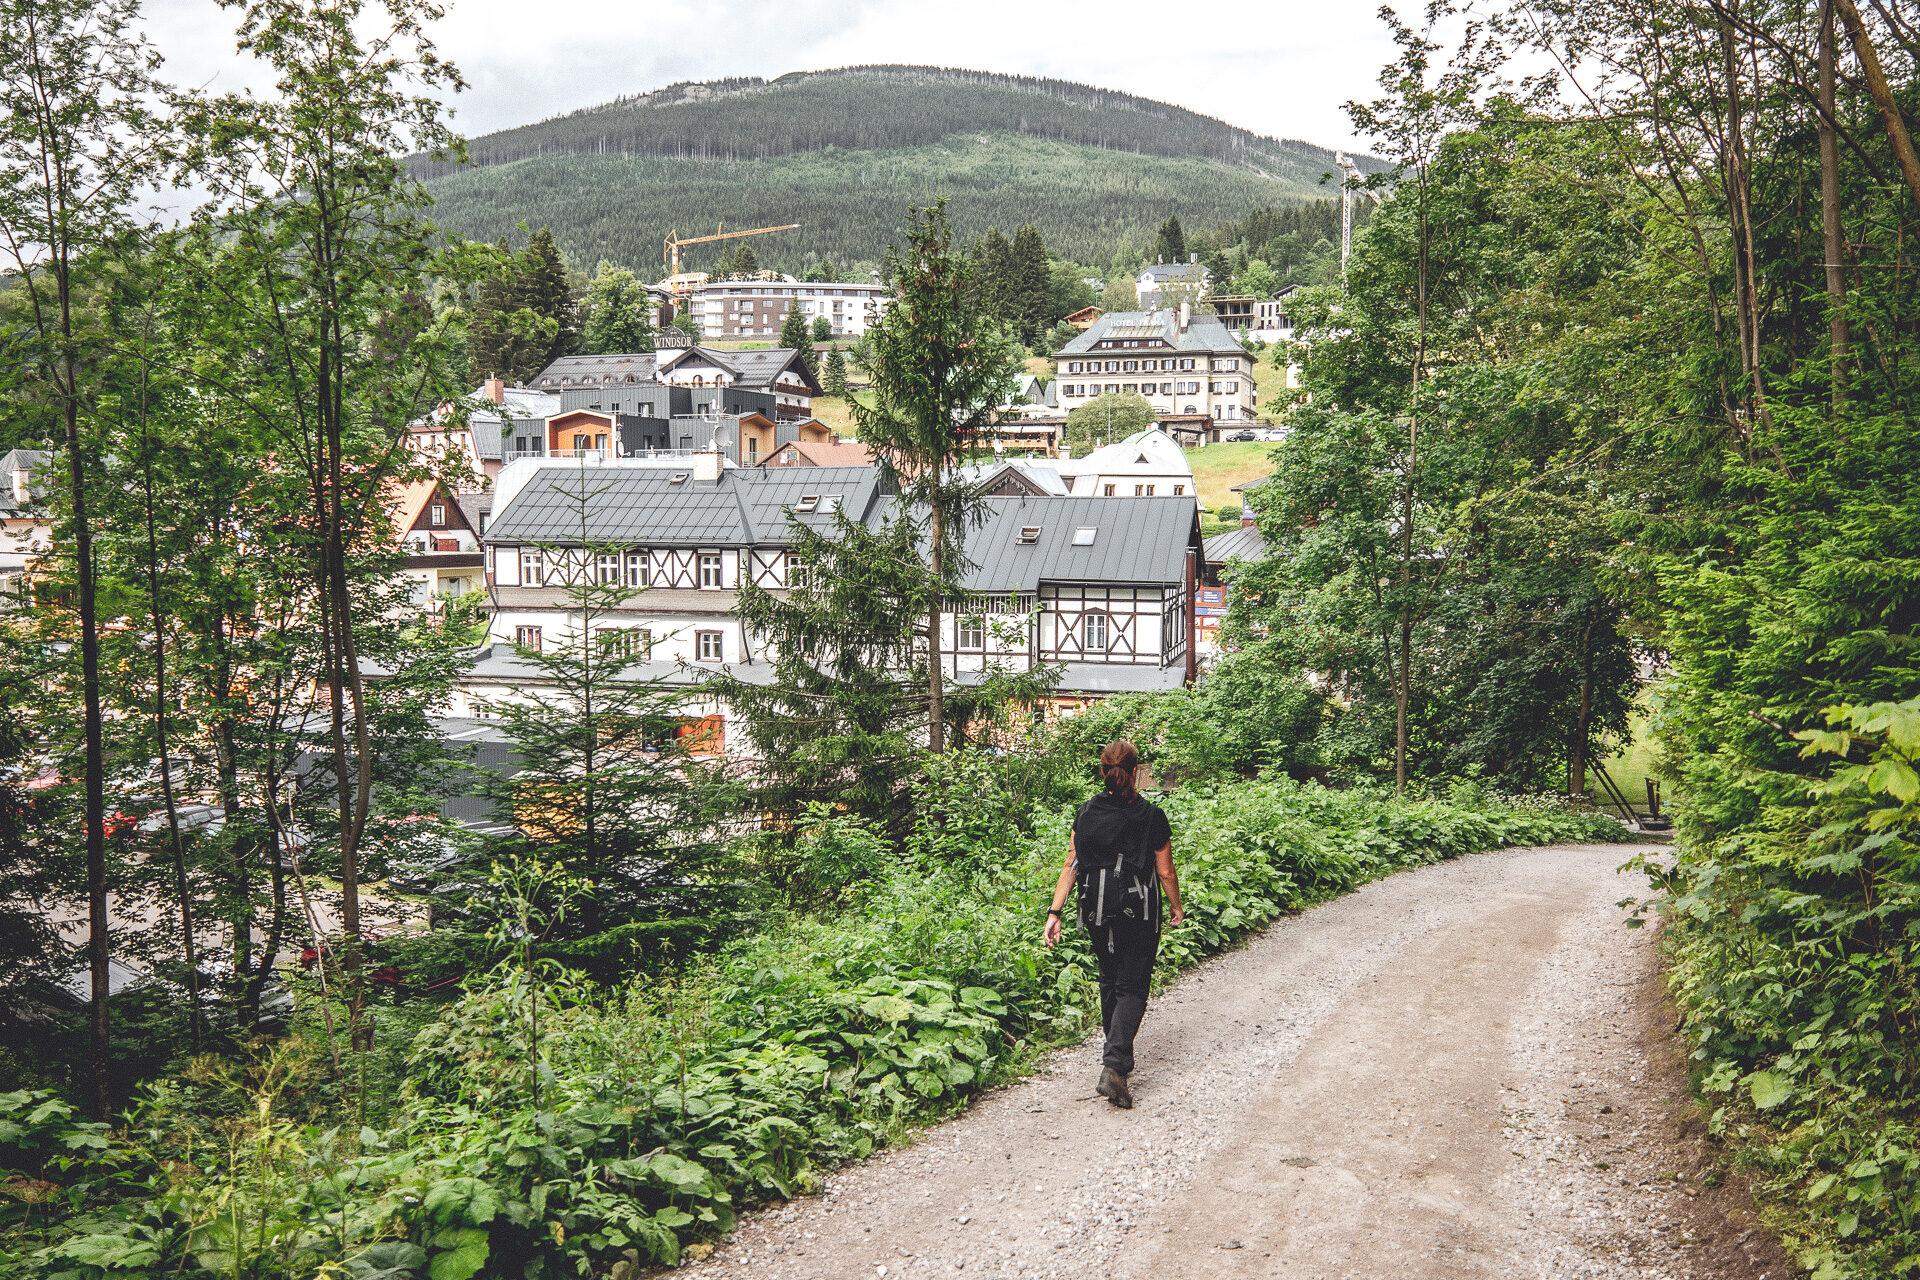 Spindlermühle und das Ende der Wanderung ist in Sicht …